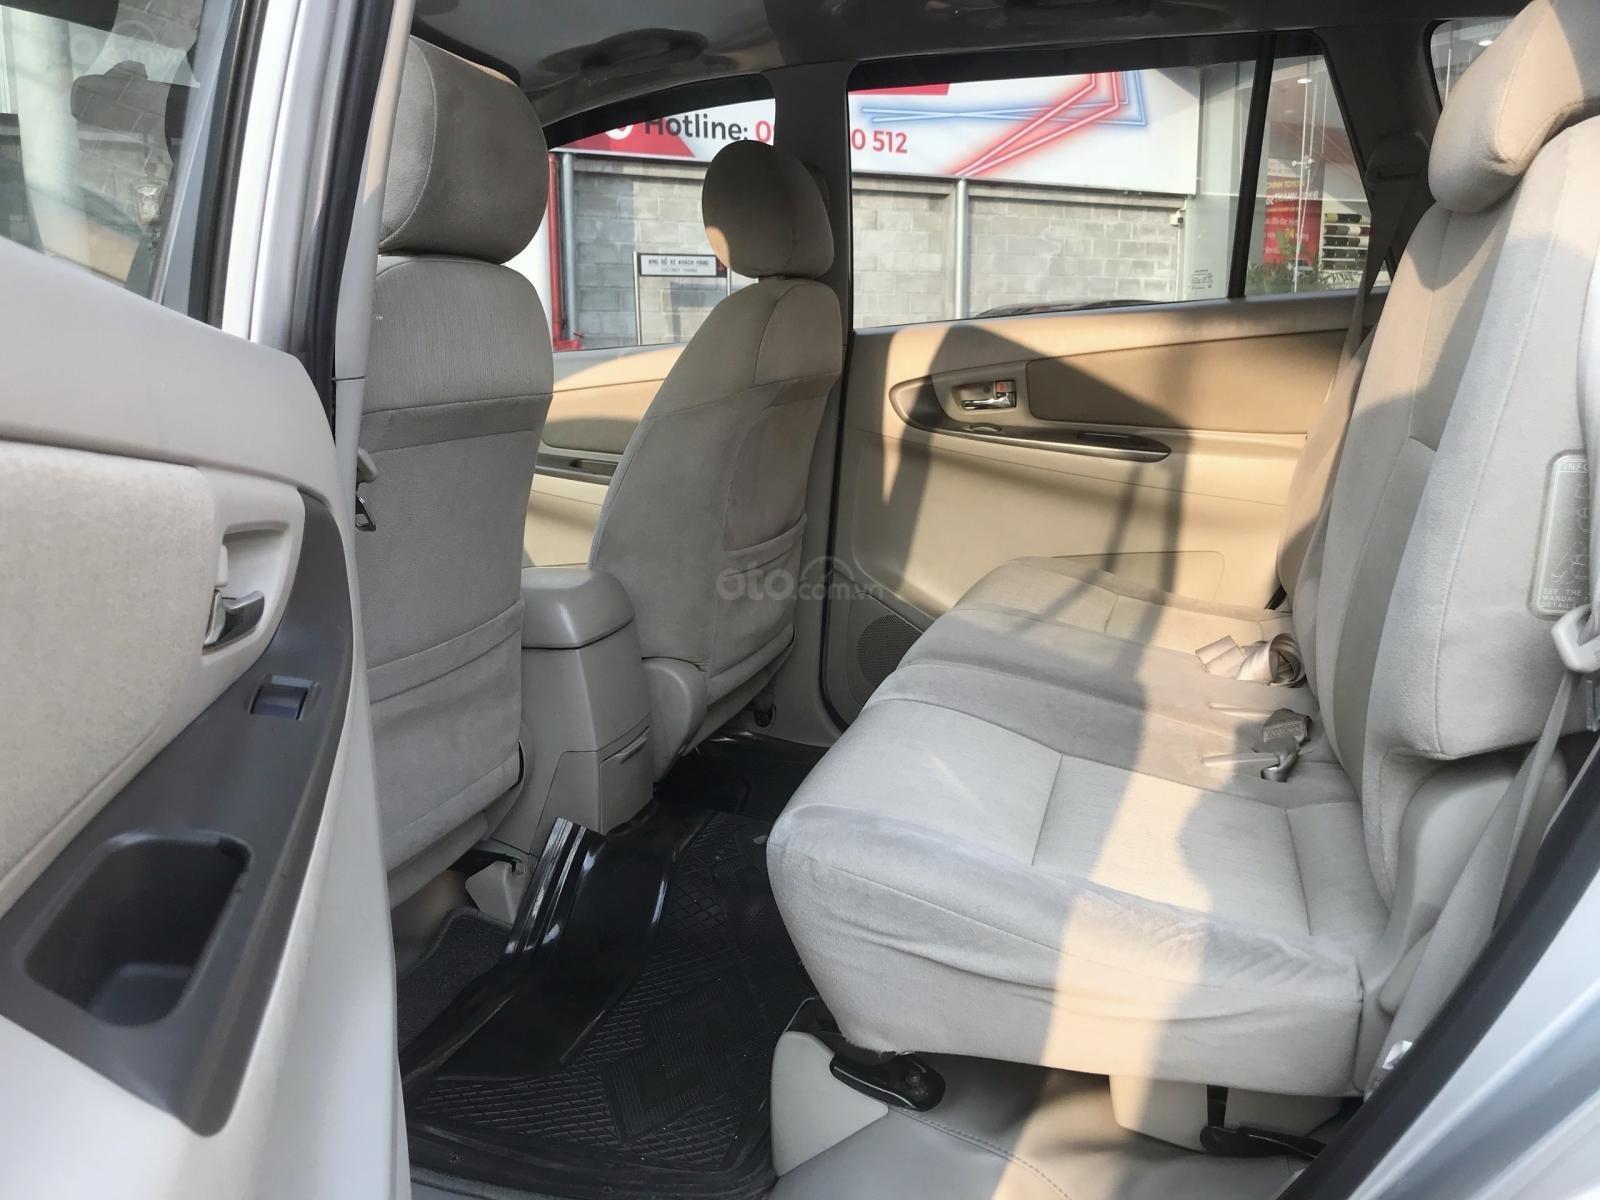 Bán Toyota Innova số sàn 2015 - xe qua sử dụng đã kiểm định chất lượng (2)